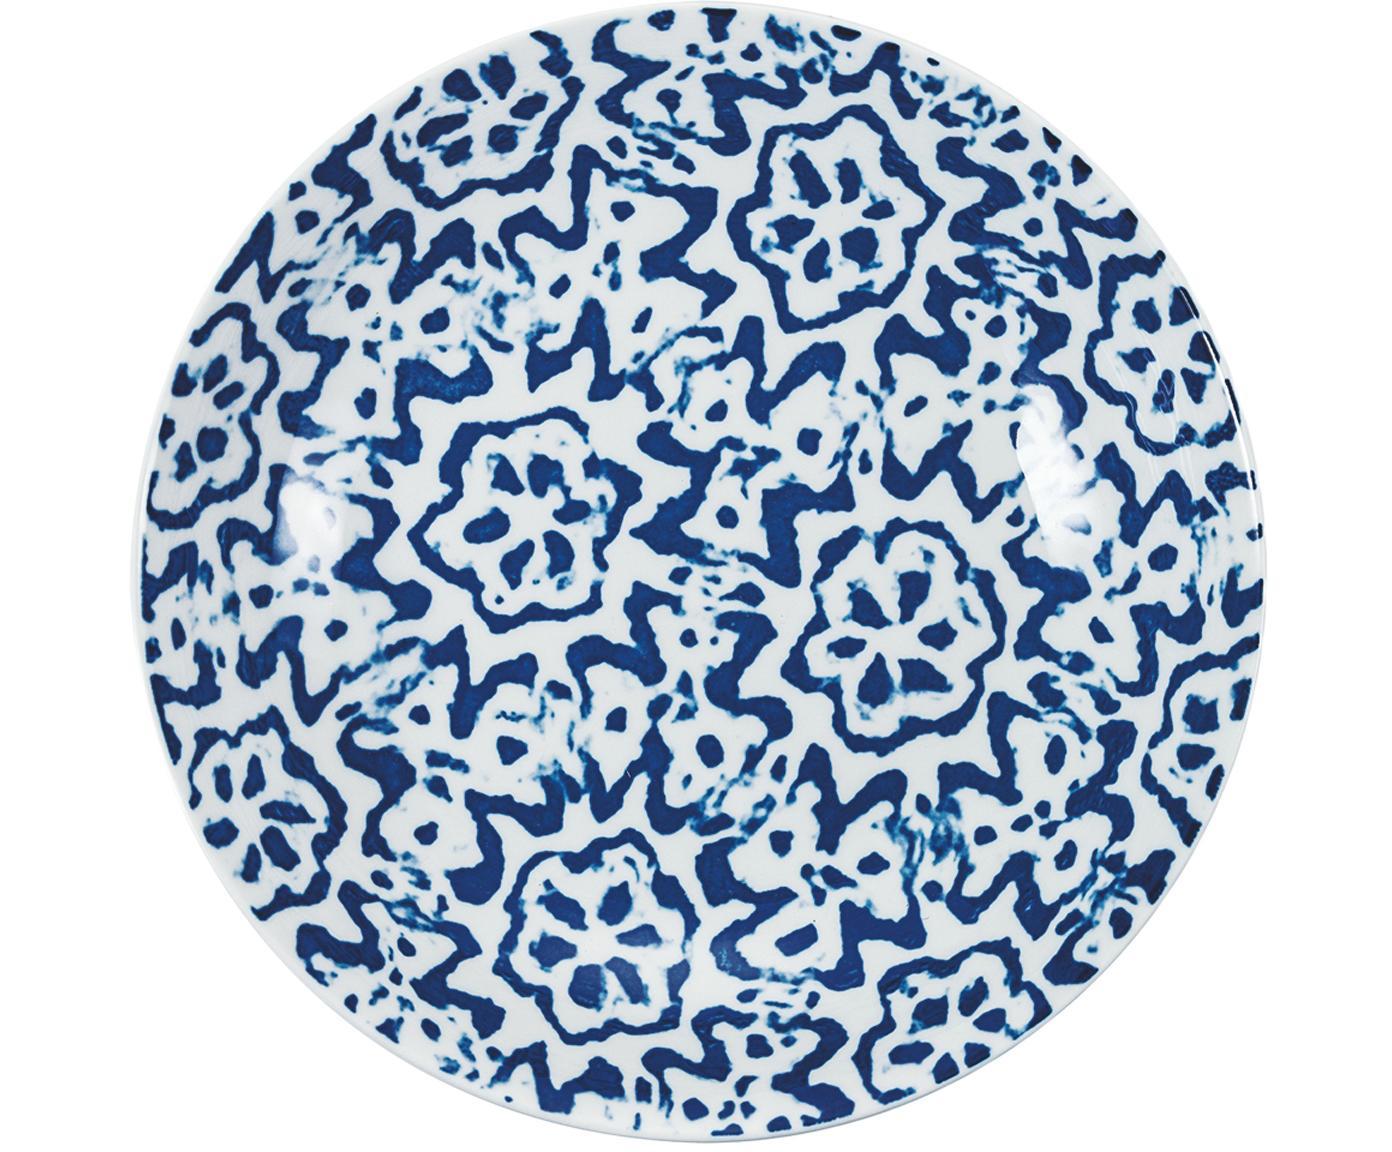 Komplet naczyń  Bodrum, 18 elem., Porcelana, Niebieski, biały, Różne rozmiary